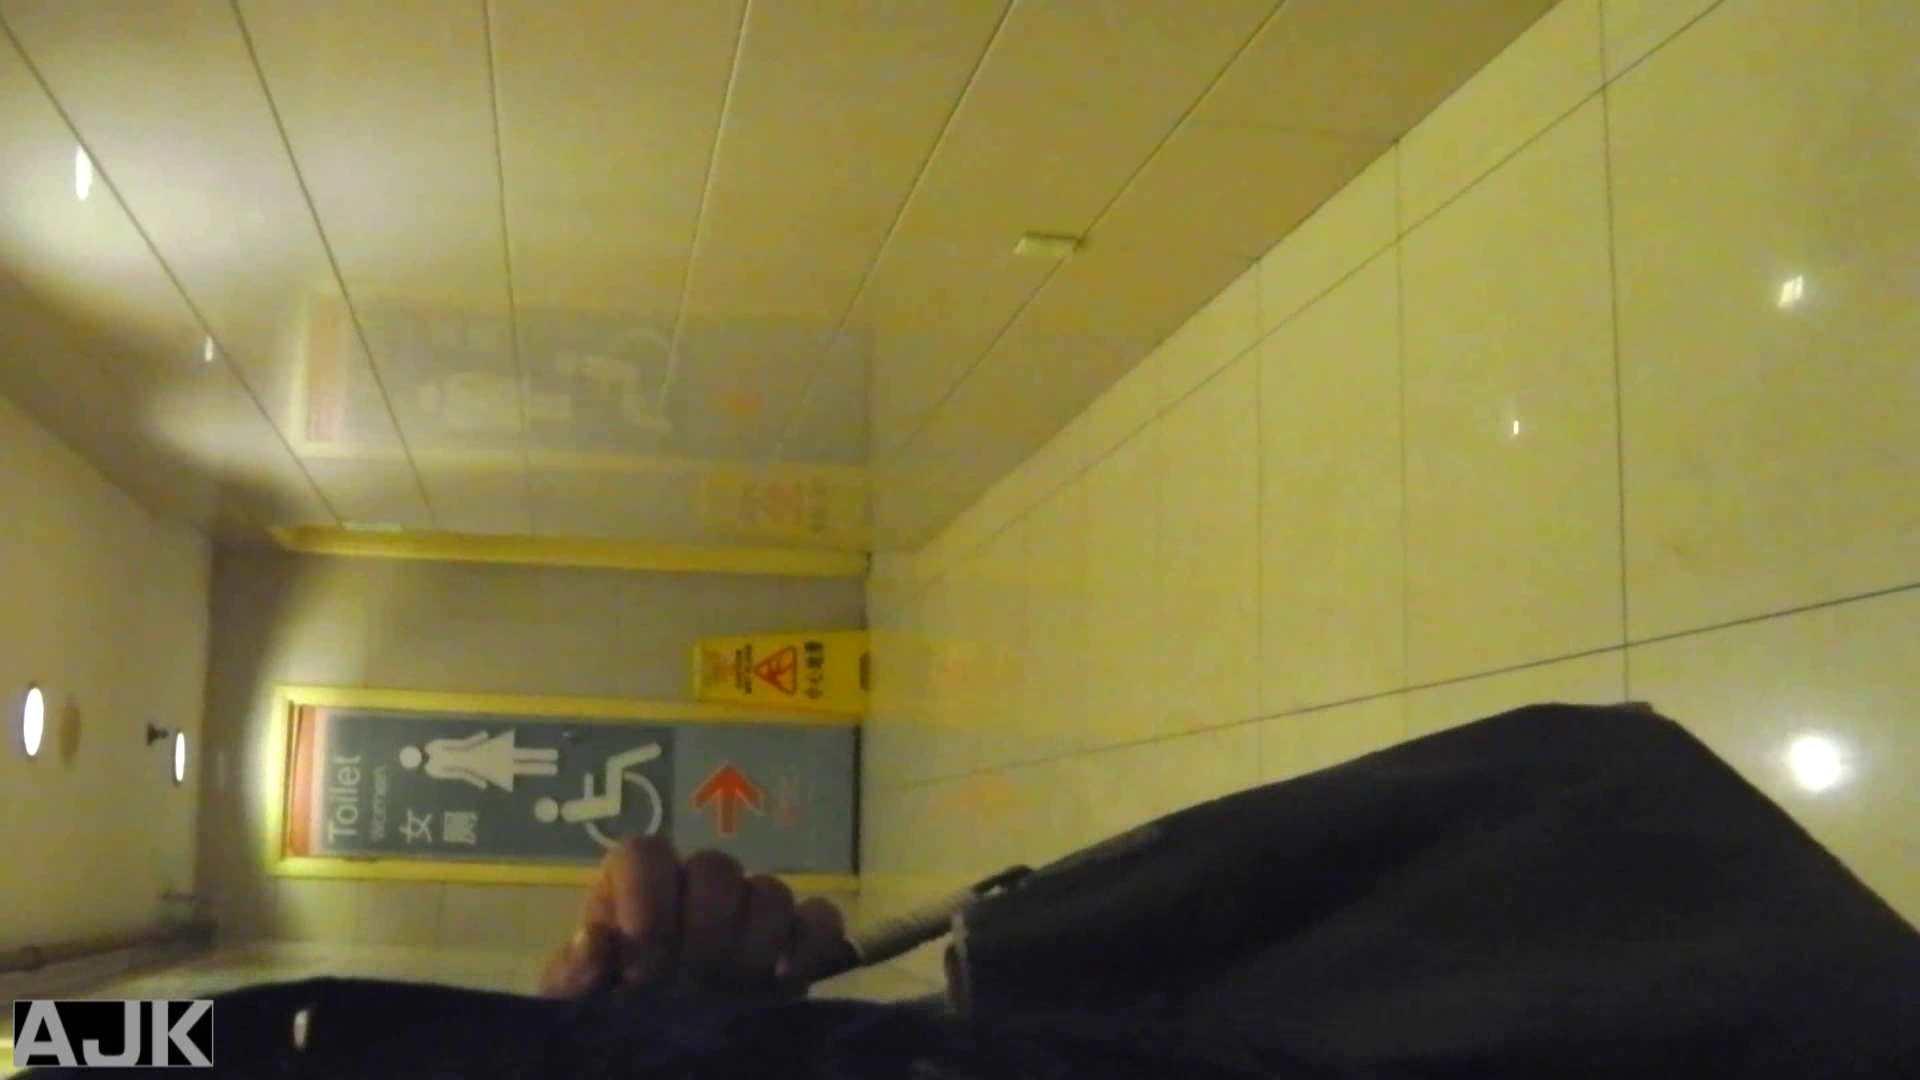 隣国上階級エリアの令嬢たちが集うデパートお手洗い Vol.03 おまんこ  104PIX 31